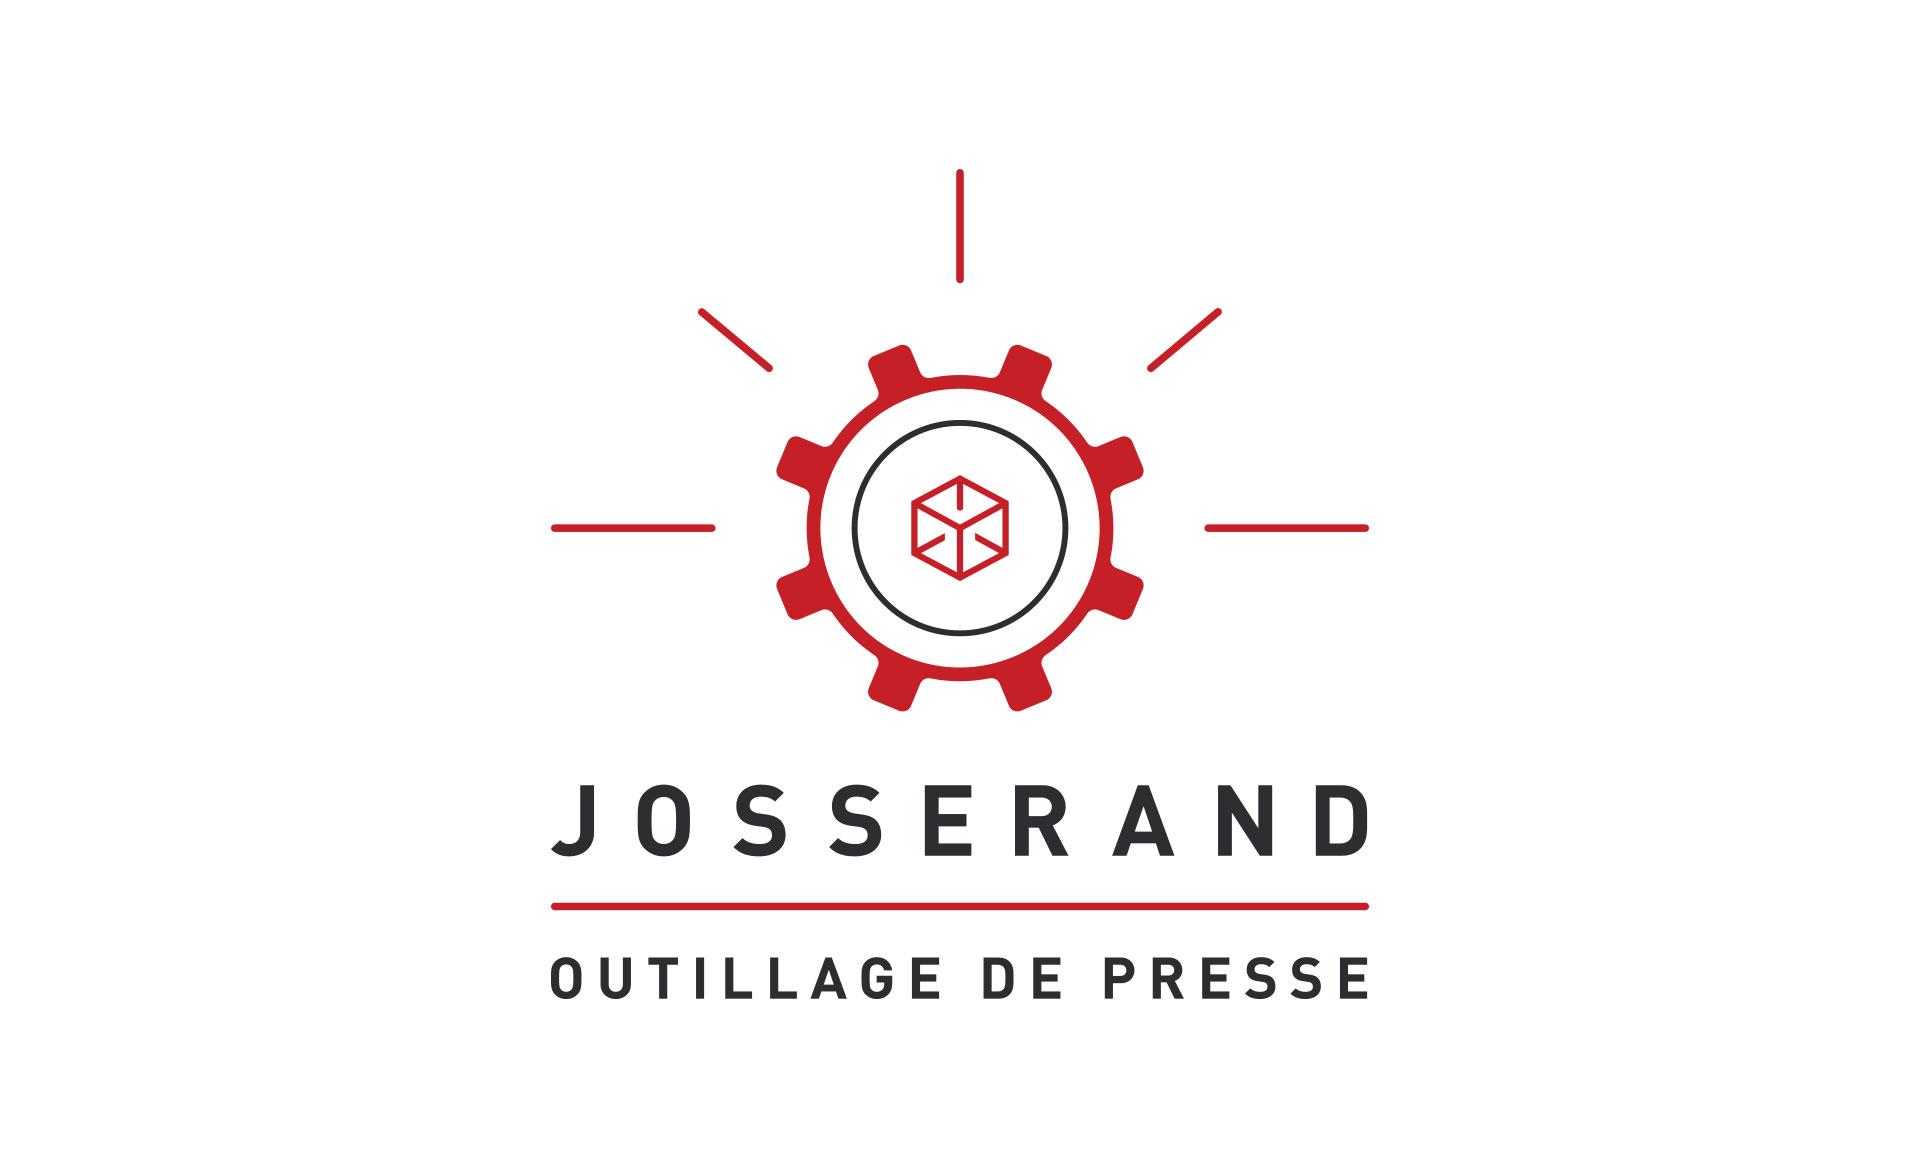 Société Josserand, Jean-Charles GIEN, création de sites Internet à Mâcon (71) et Lyon (69)